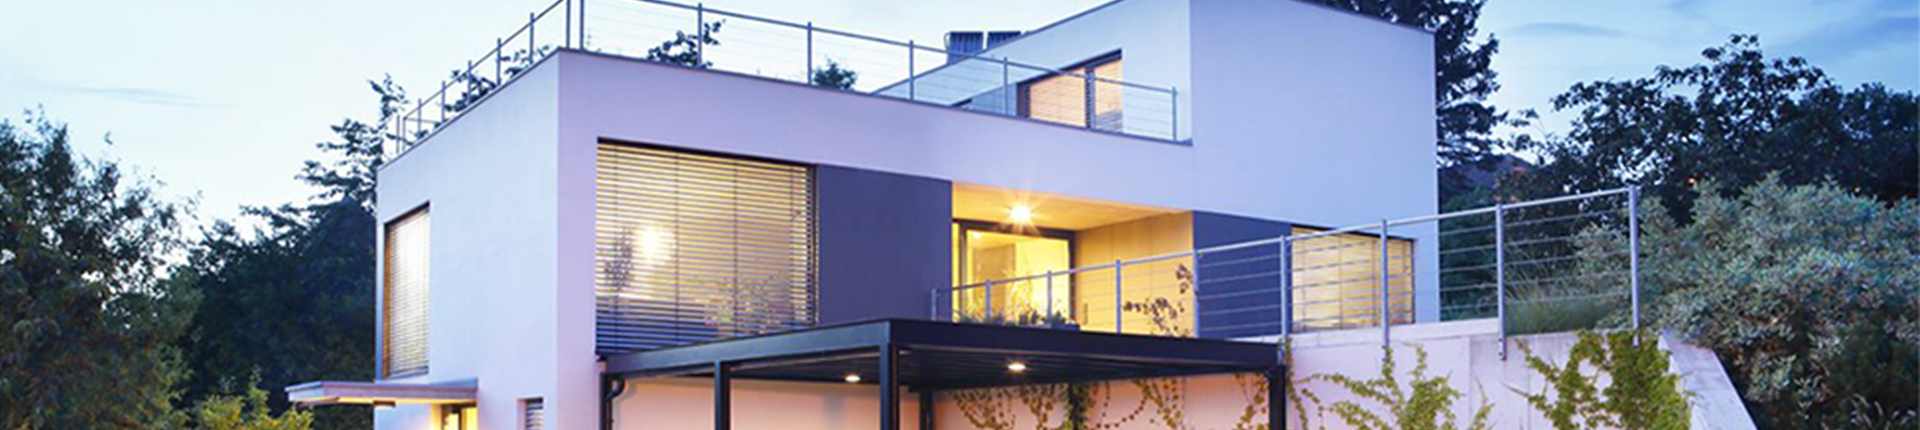 Somfy Kategorie Smart Home